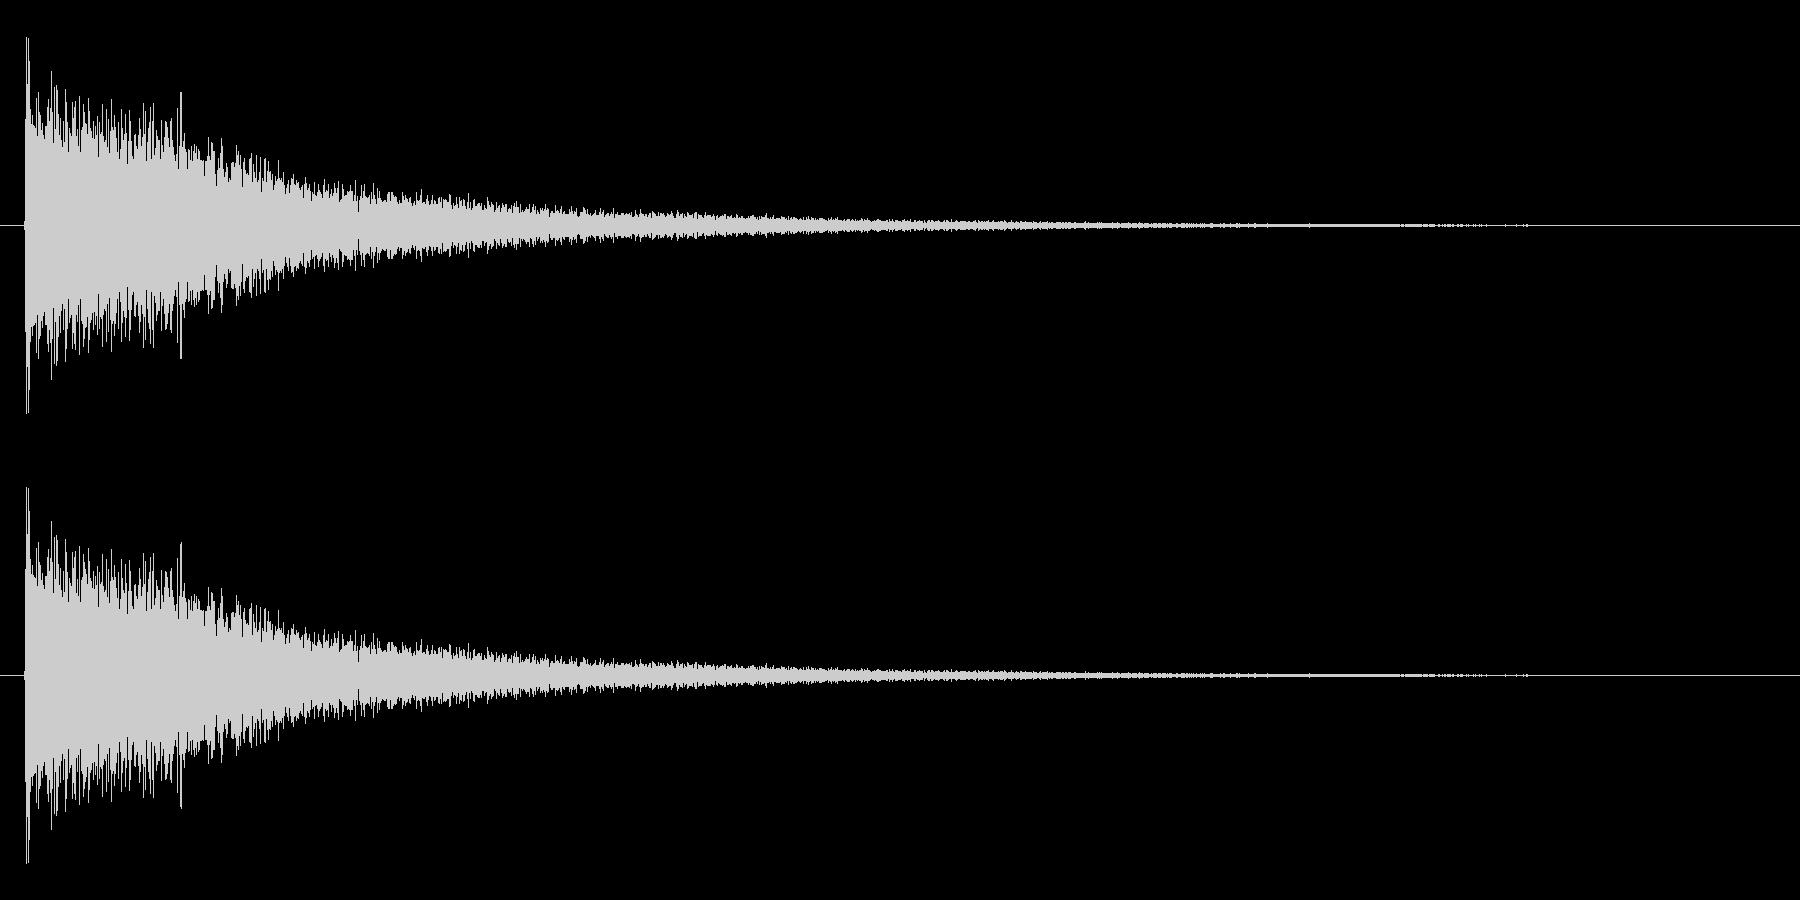 ジャーン(ピアノを適当に叩いた音の未再生の波形